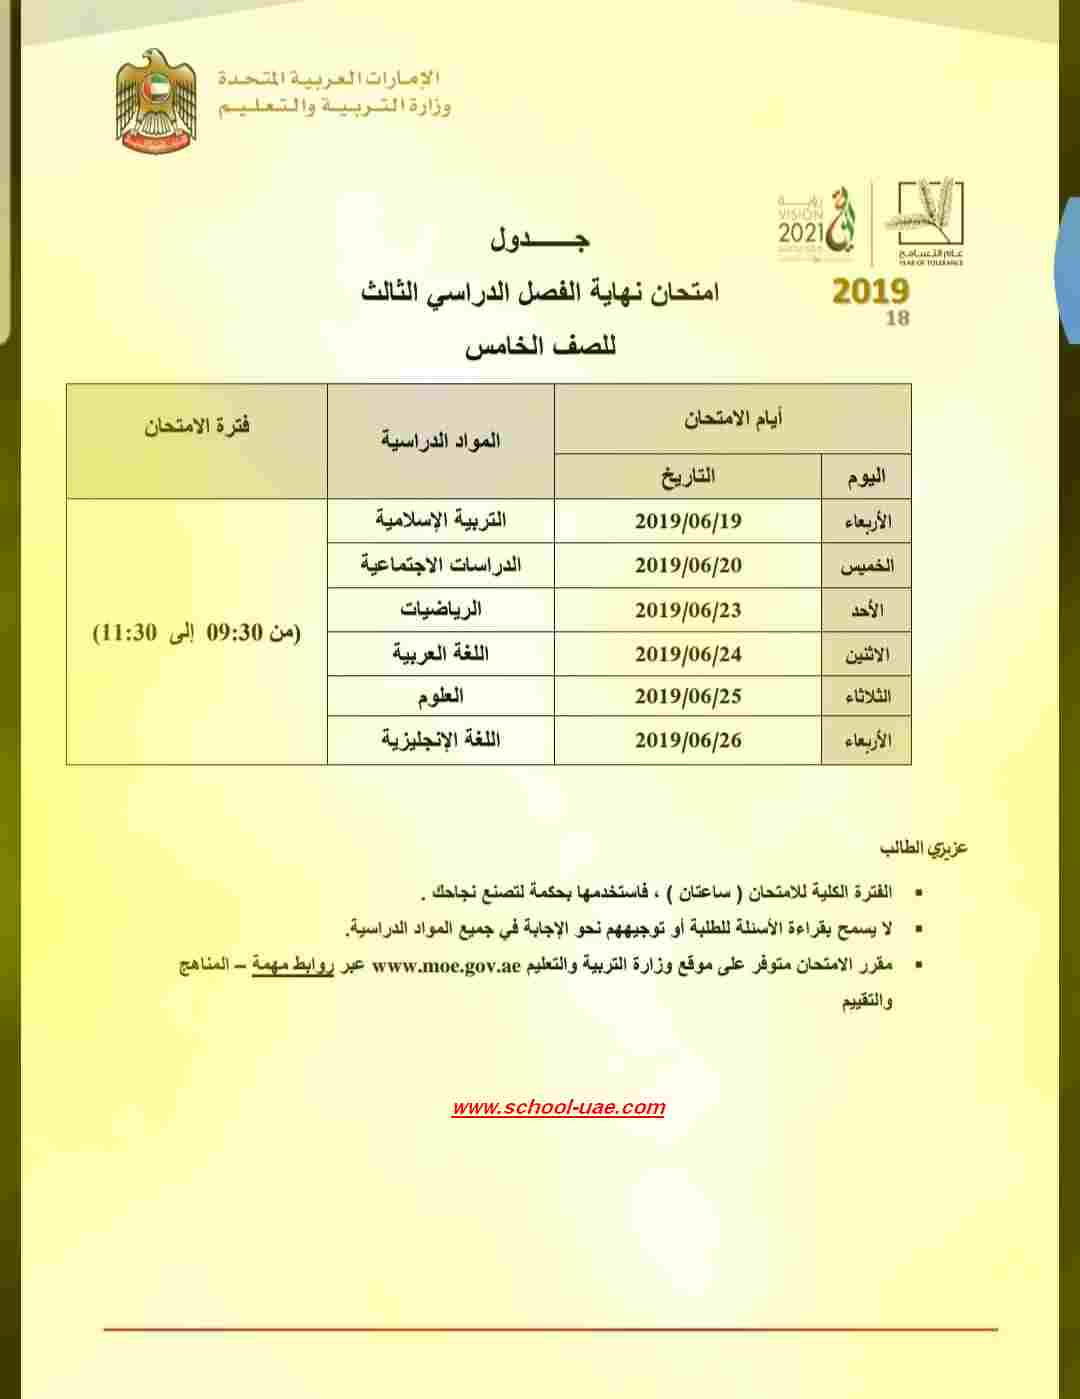 جدول امتحانات نهاية الفصل الدراسى الثالث  للصف الخامس الفصل الثالث 2019